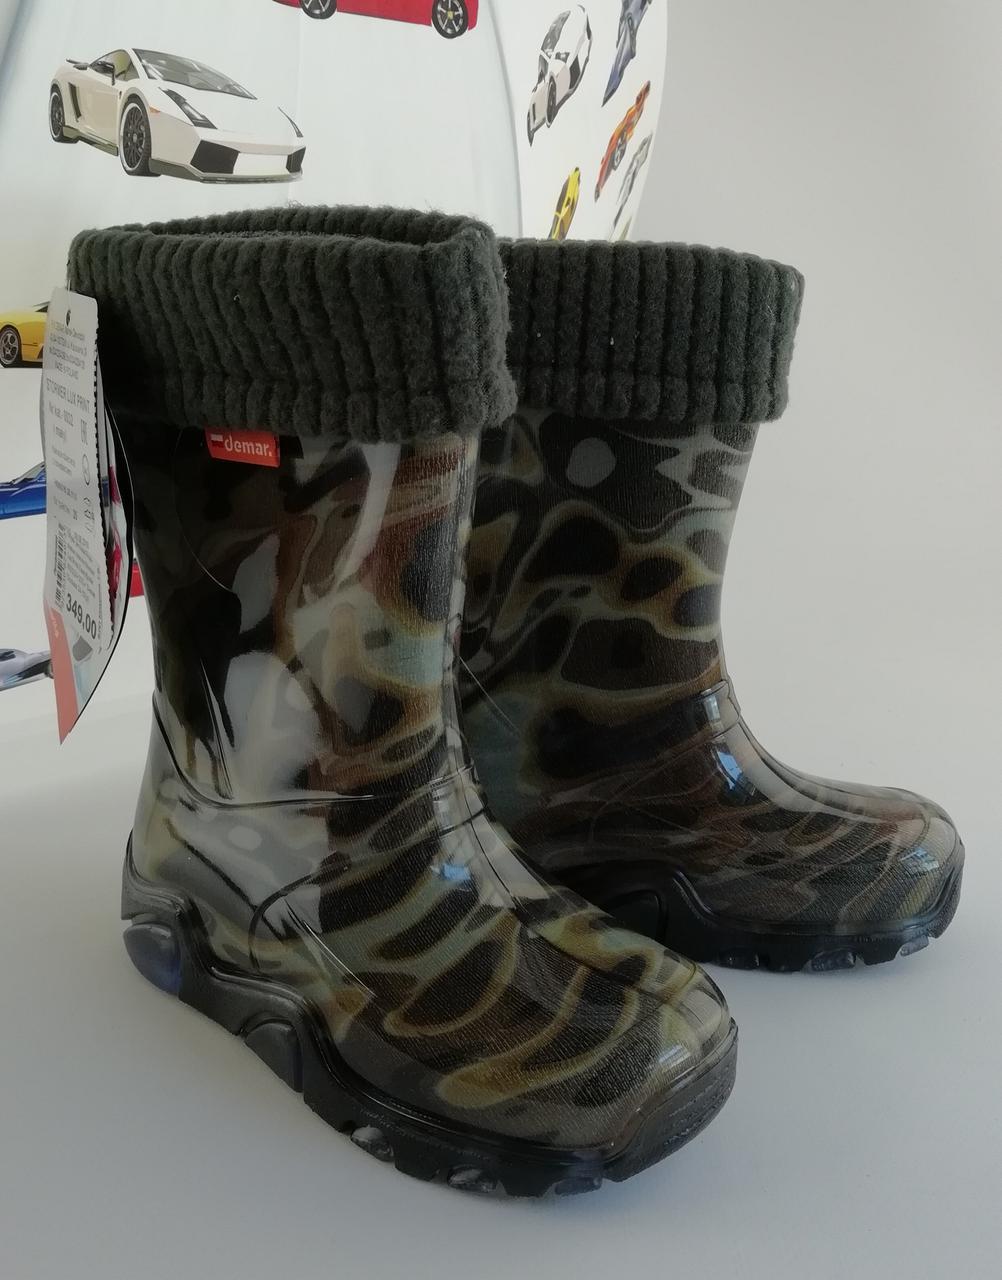 Гумові чоботи Stormer Lux Print Камуфляж Demar Польща